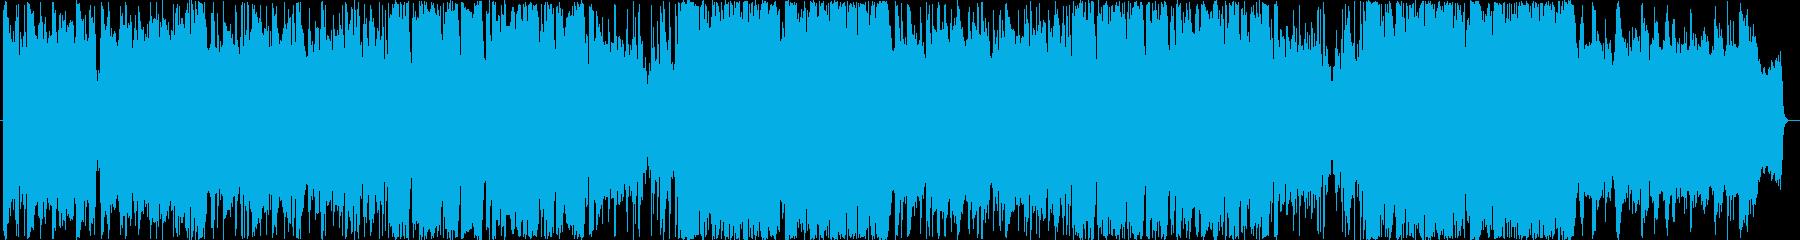 尺八と琴の和風バラードの再生済みの波形